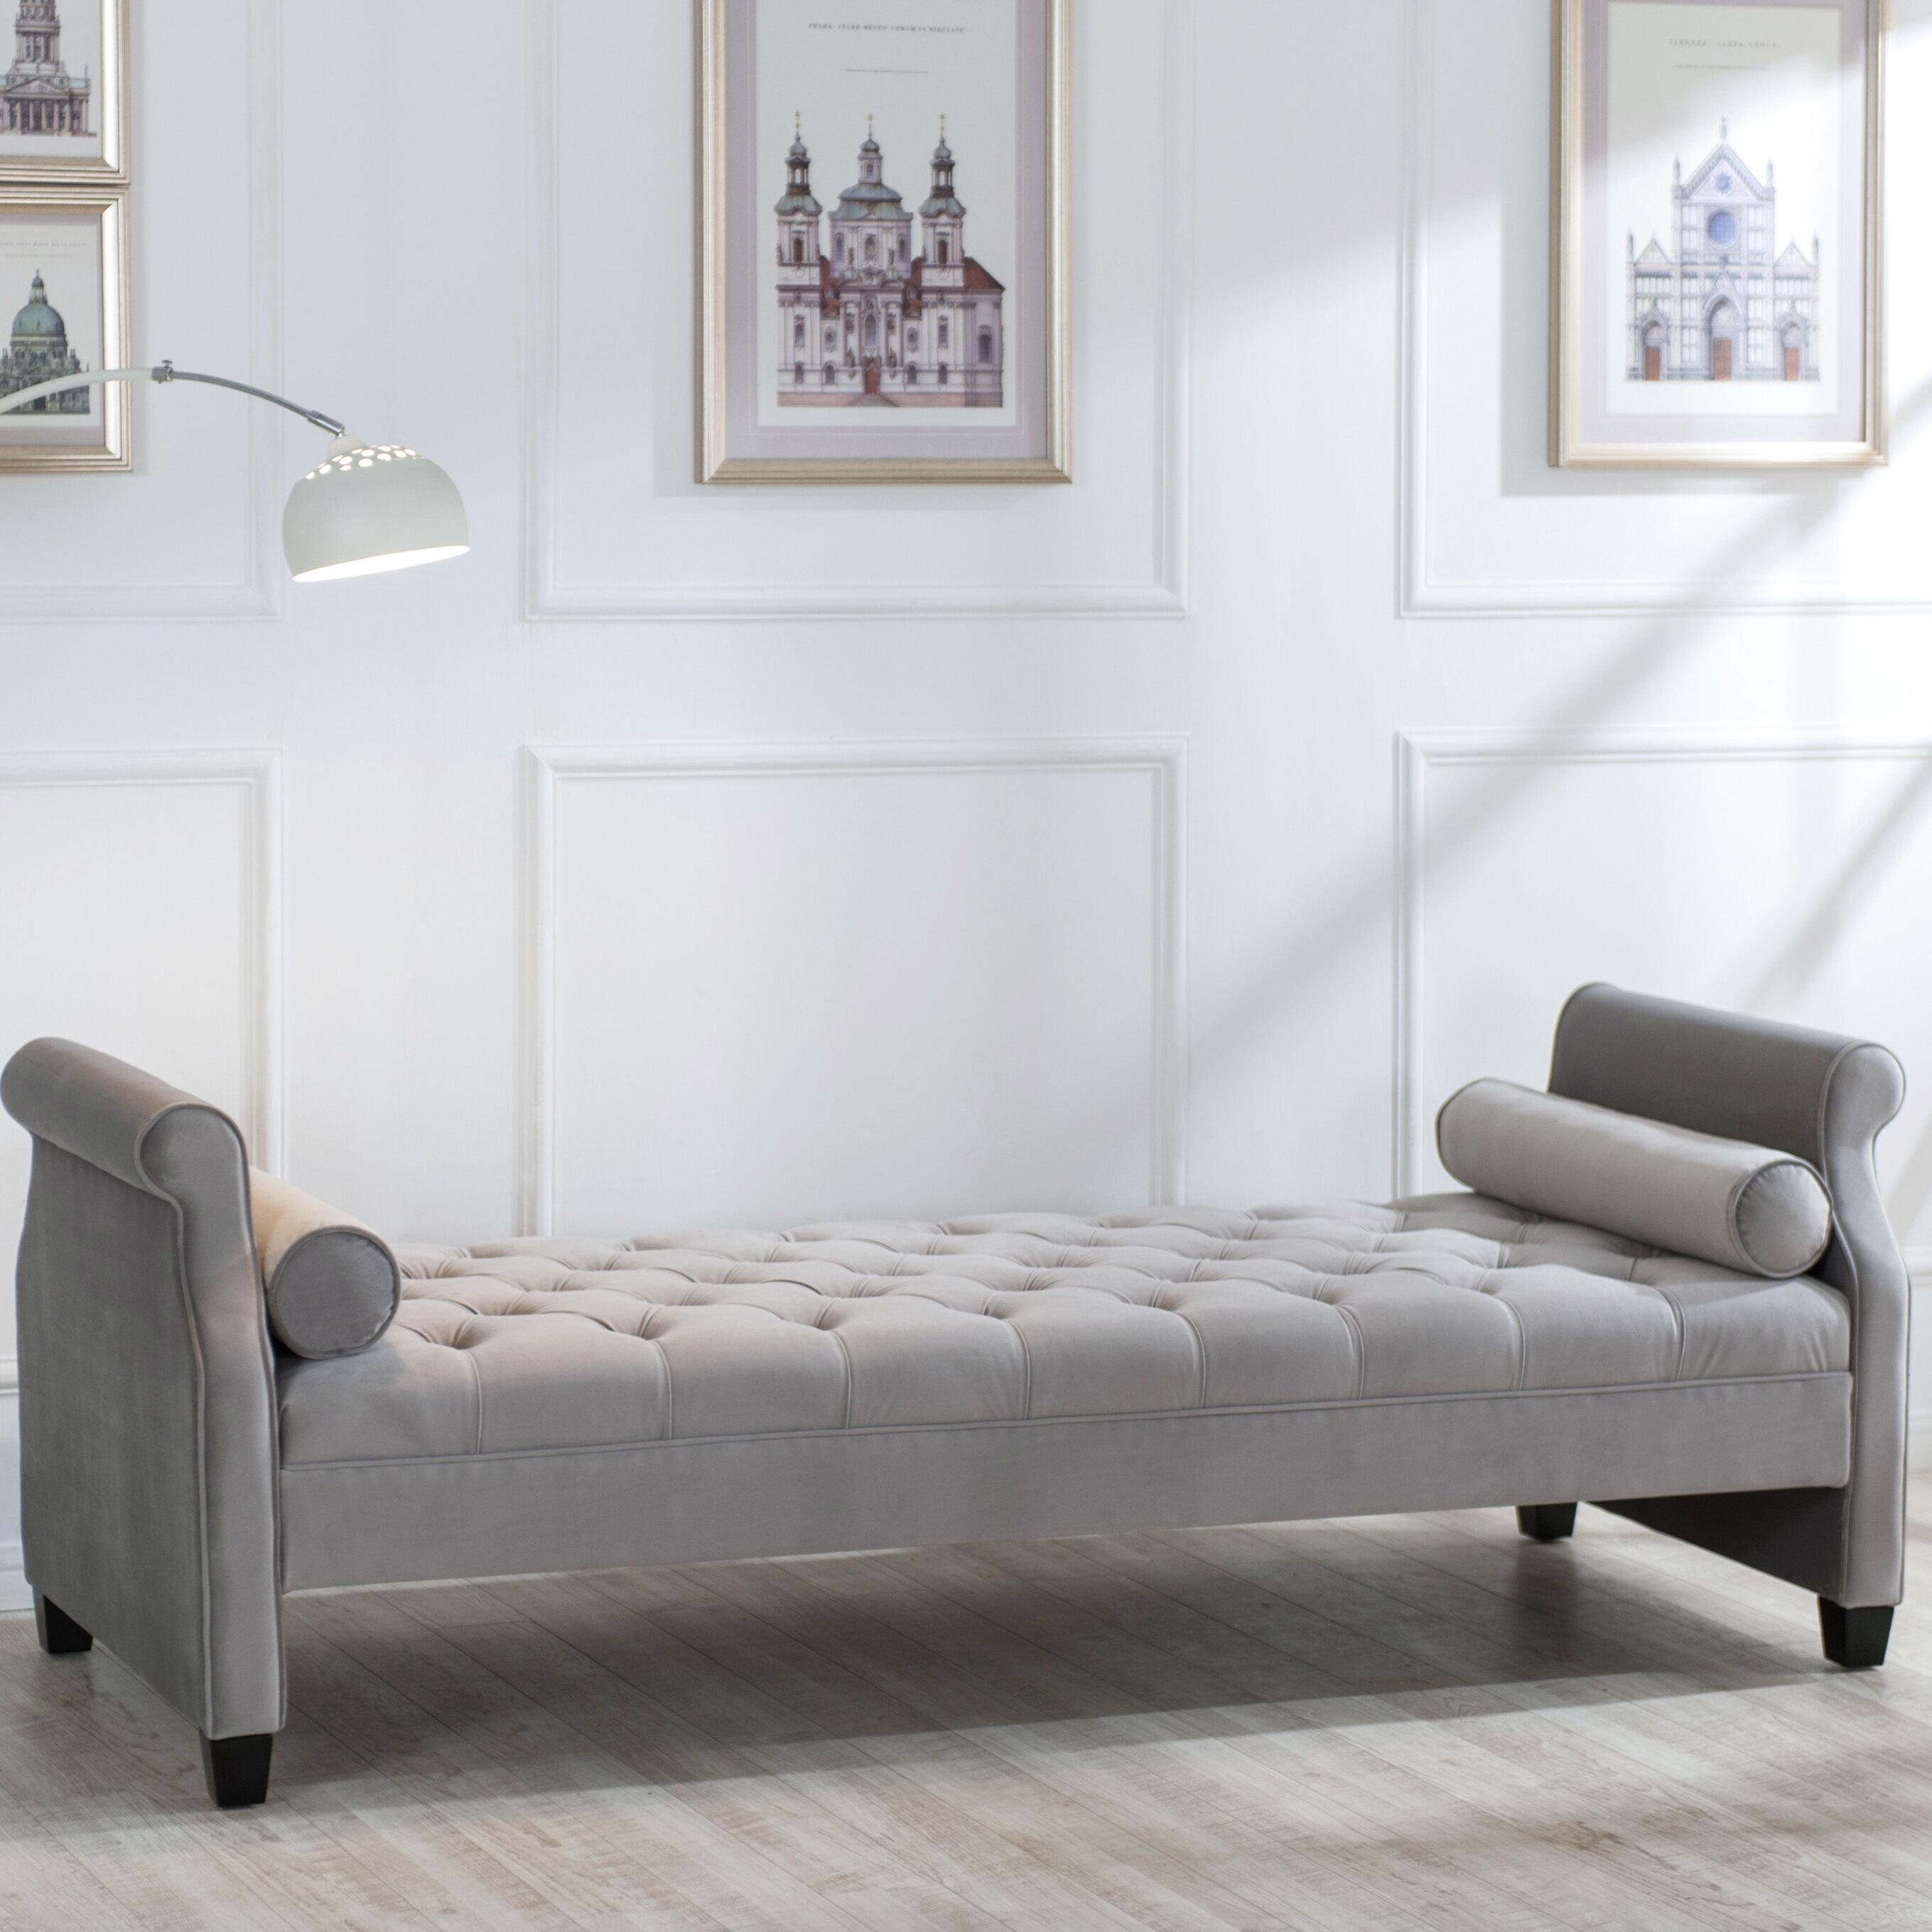 Rosdorf Park Deckard Upholstered Bench & Reviews | Wayfair